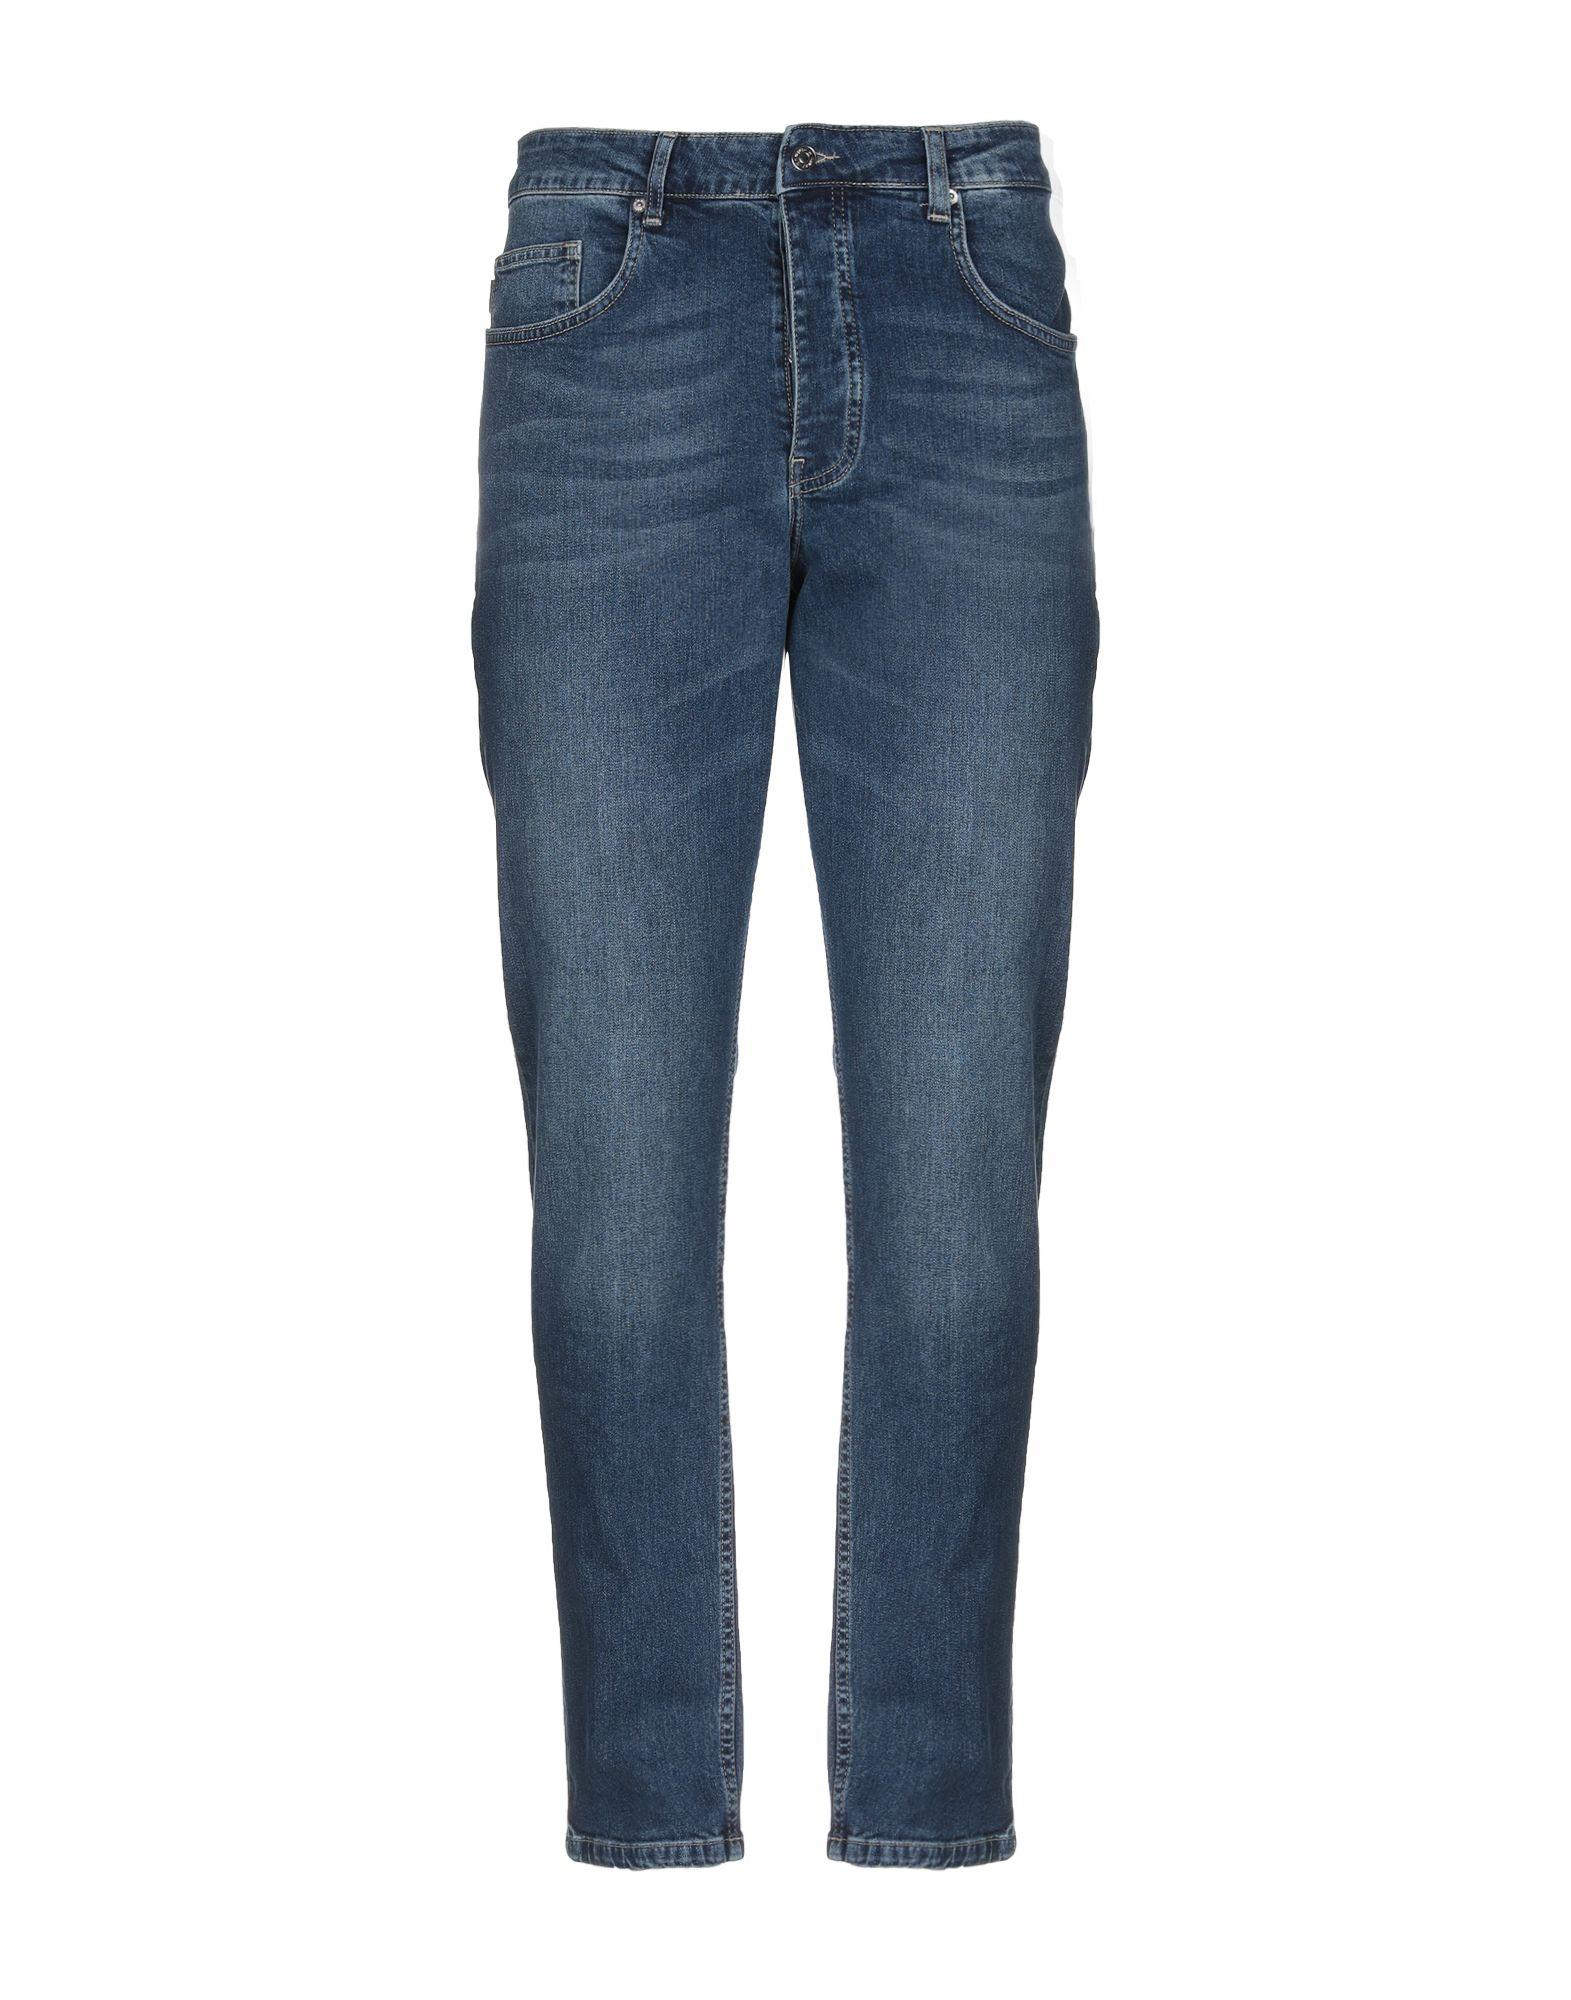 Pantaloni Jeans Minimum uomo uomo - 42709673CW